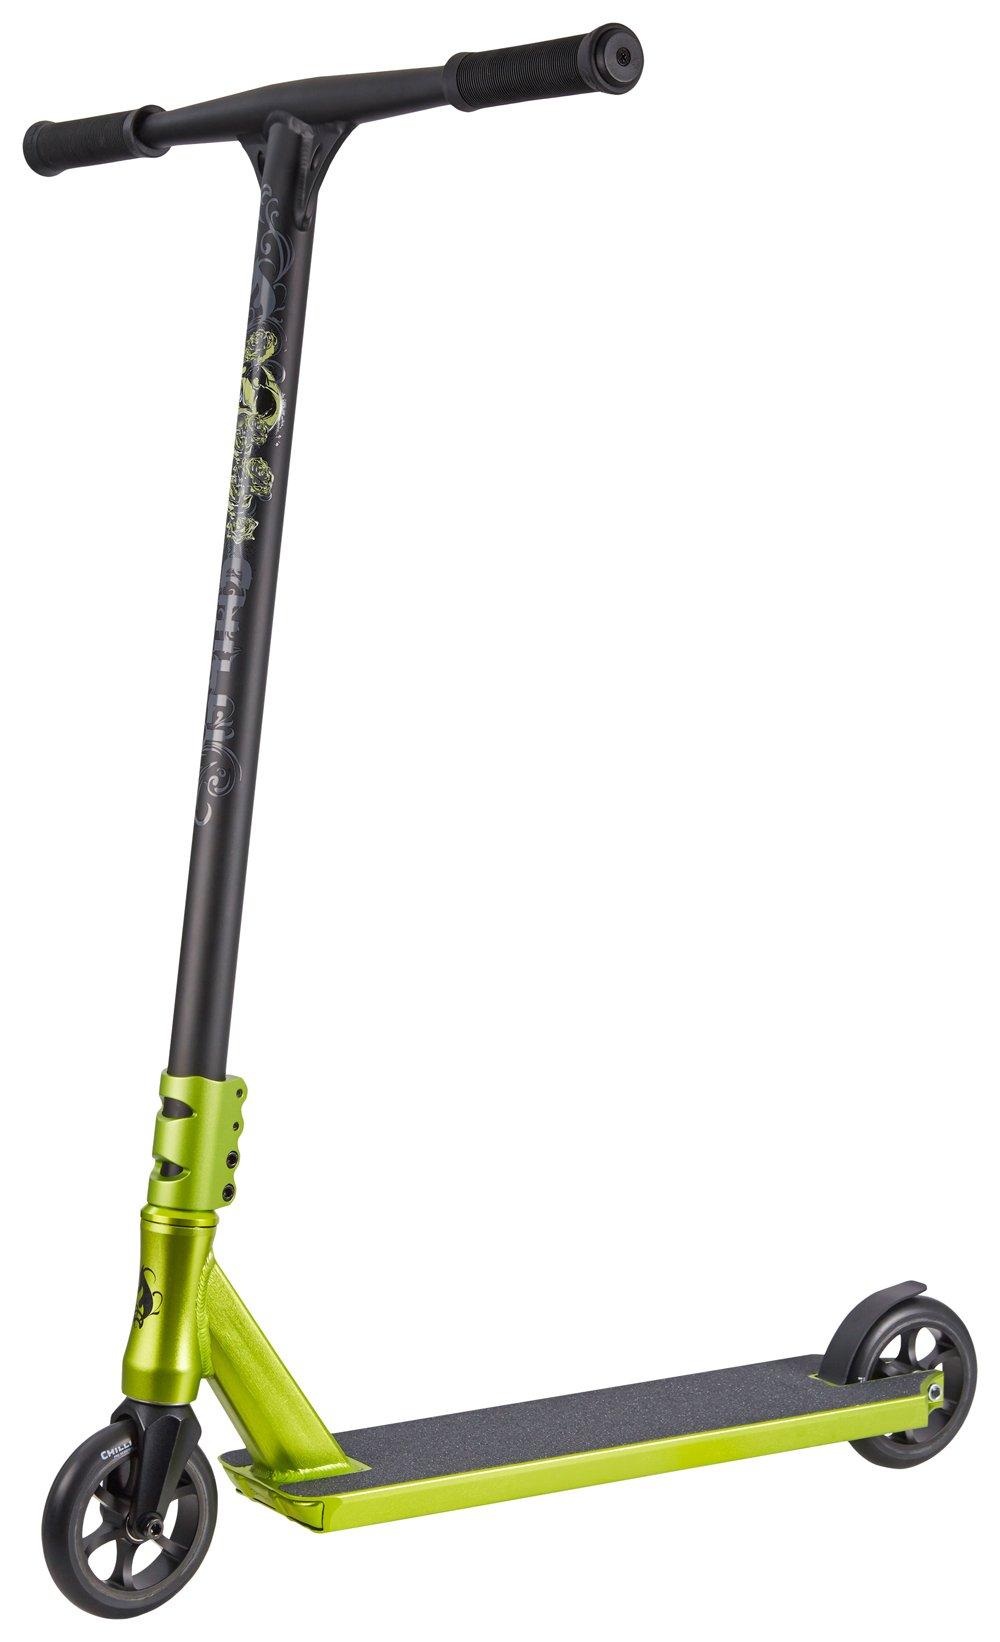 Chilli Pro Scooter Riders Choice Zero (Green)